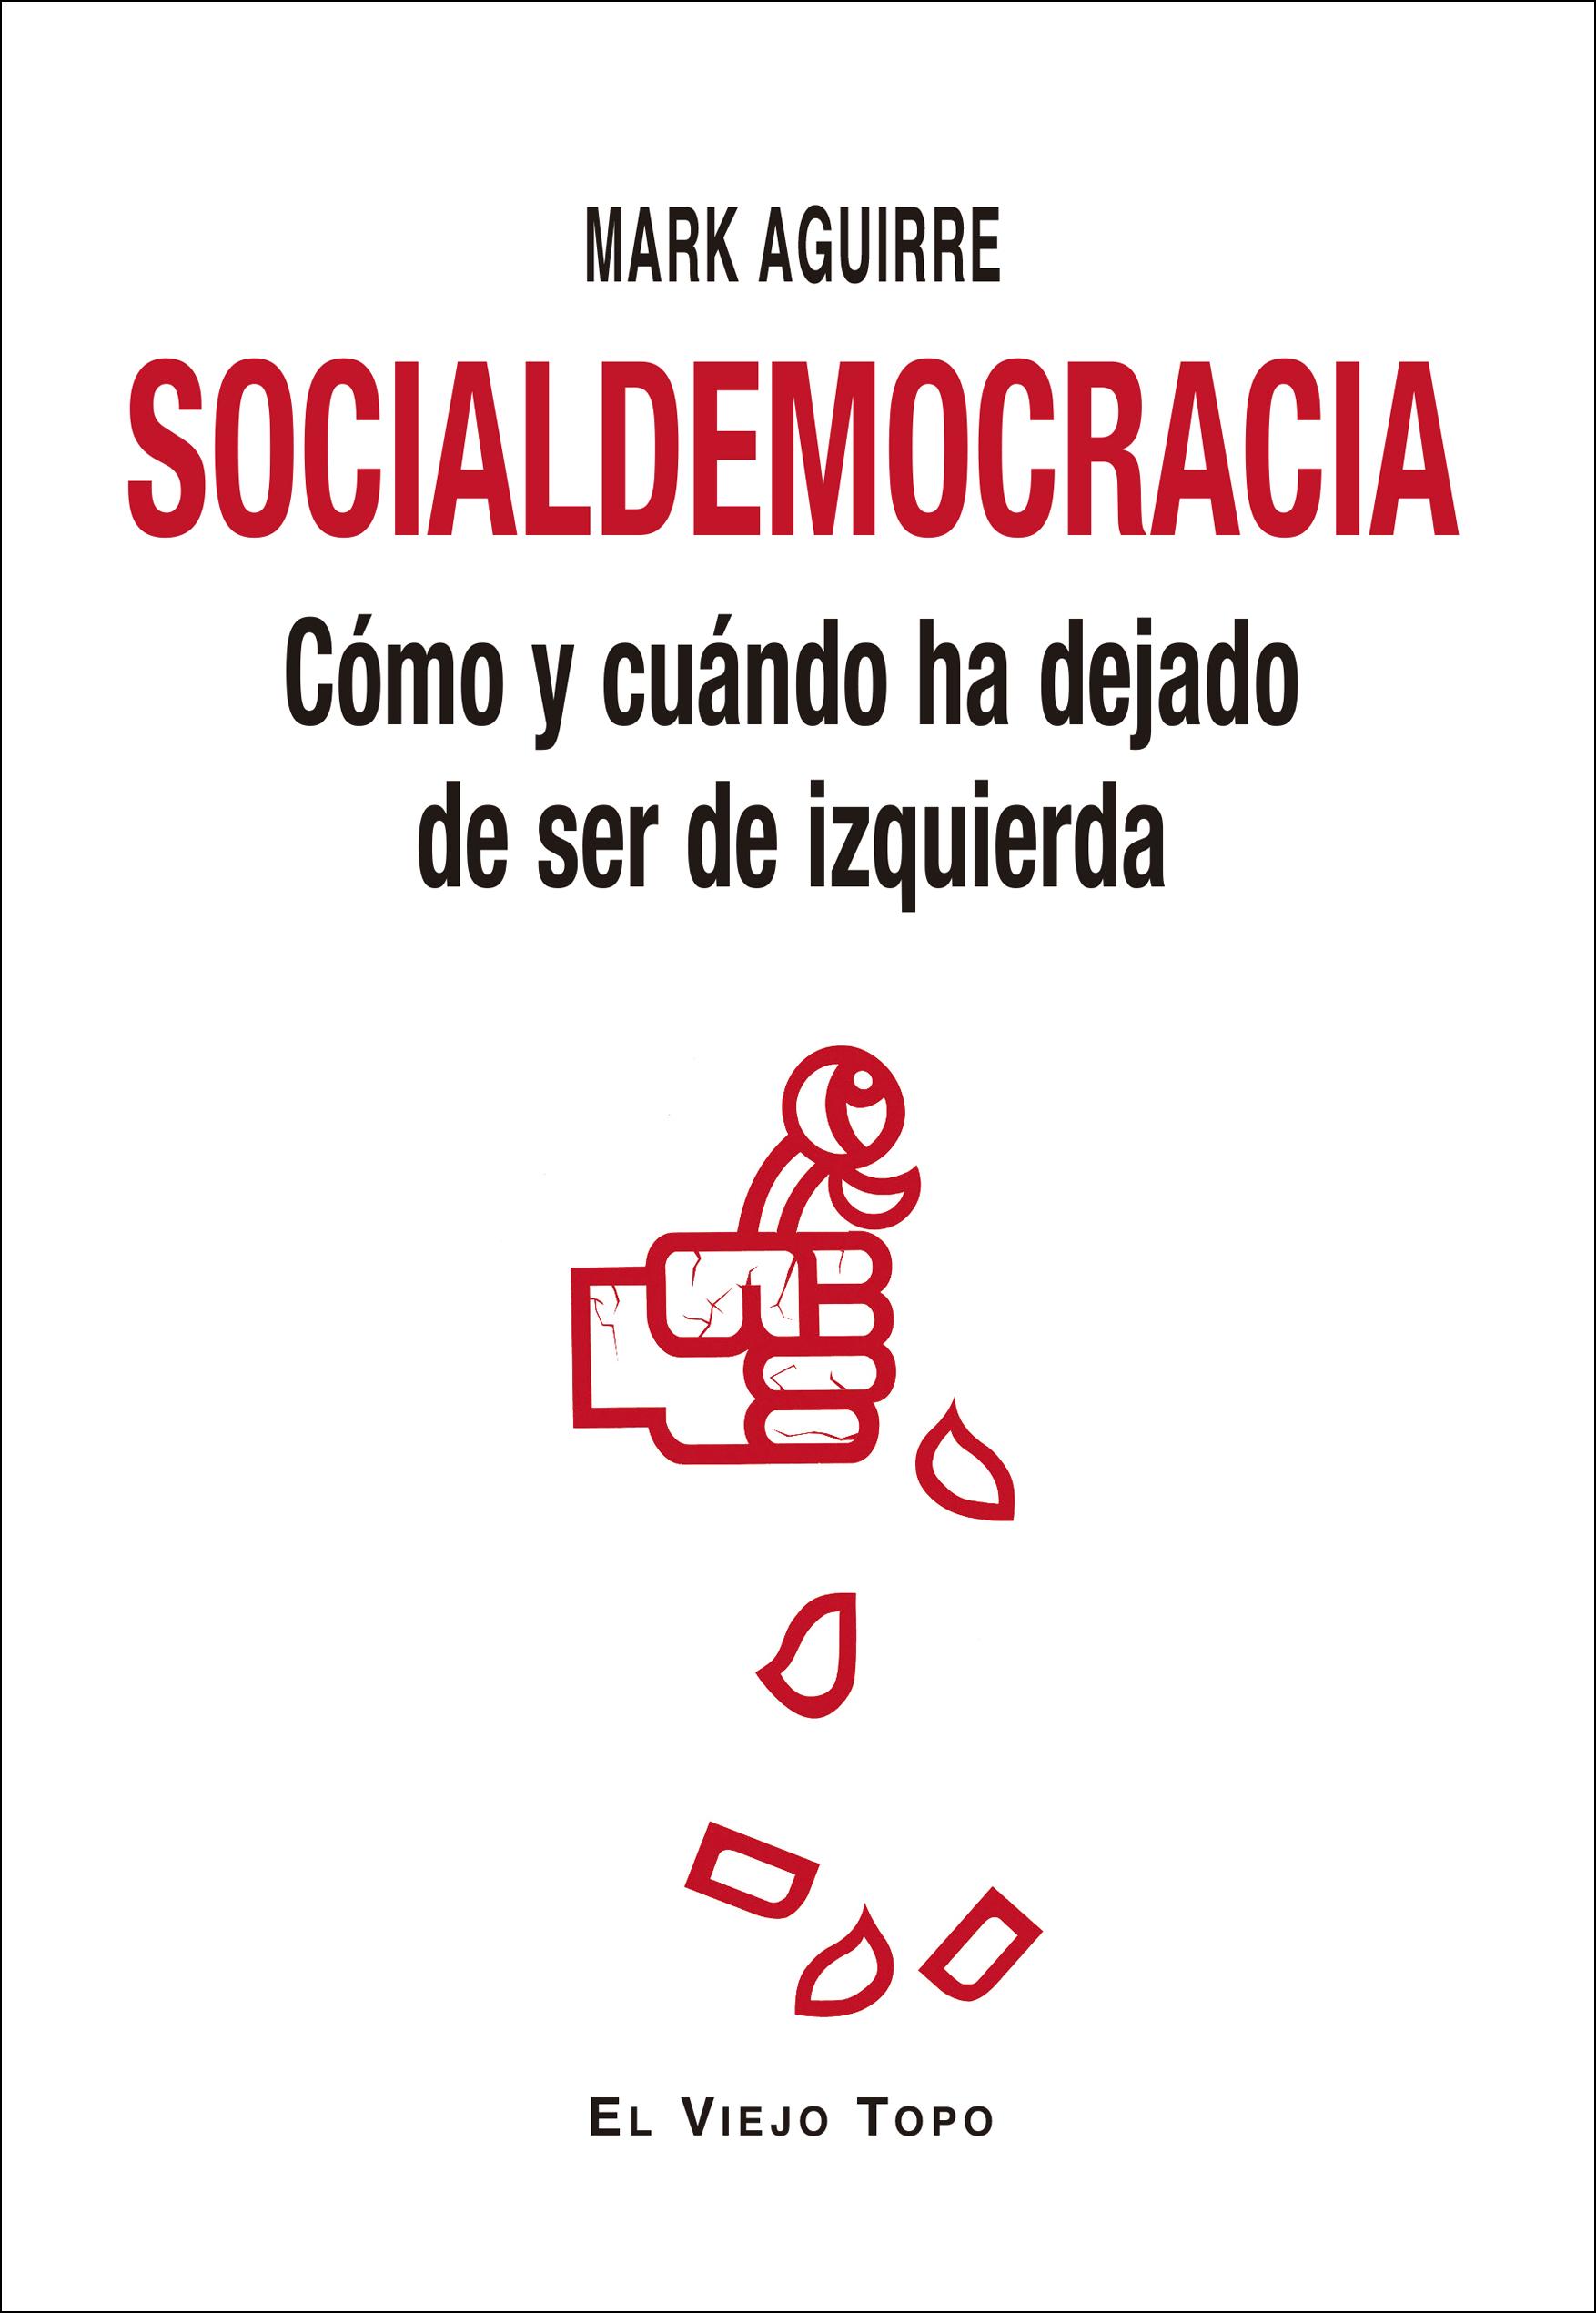 Socialdemocracia   «Cómo y cuándo ha dejado de ser de izquierda»